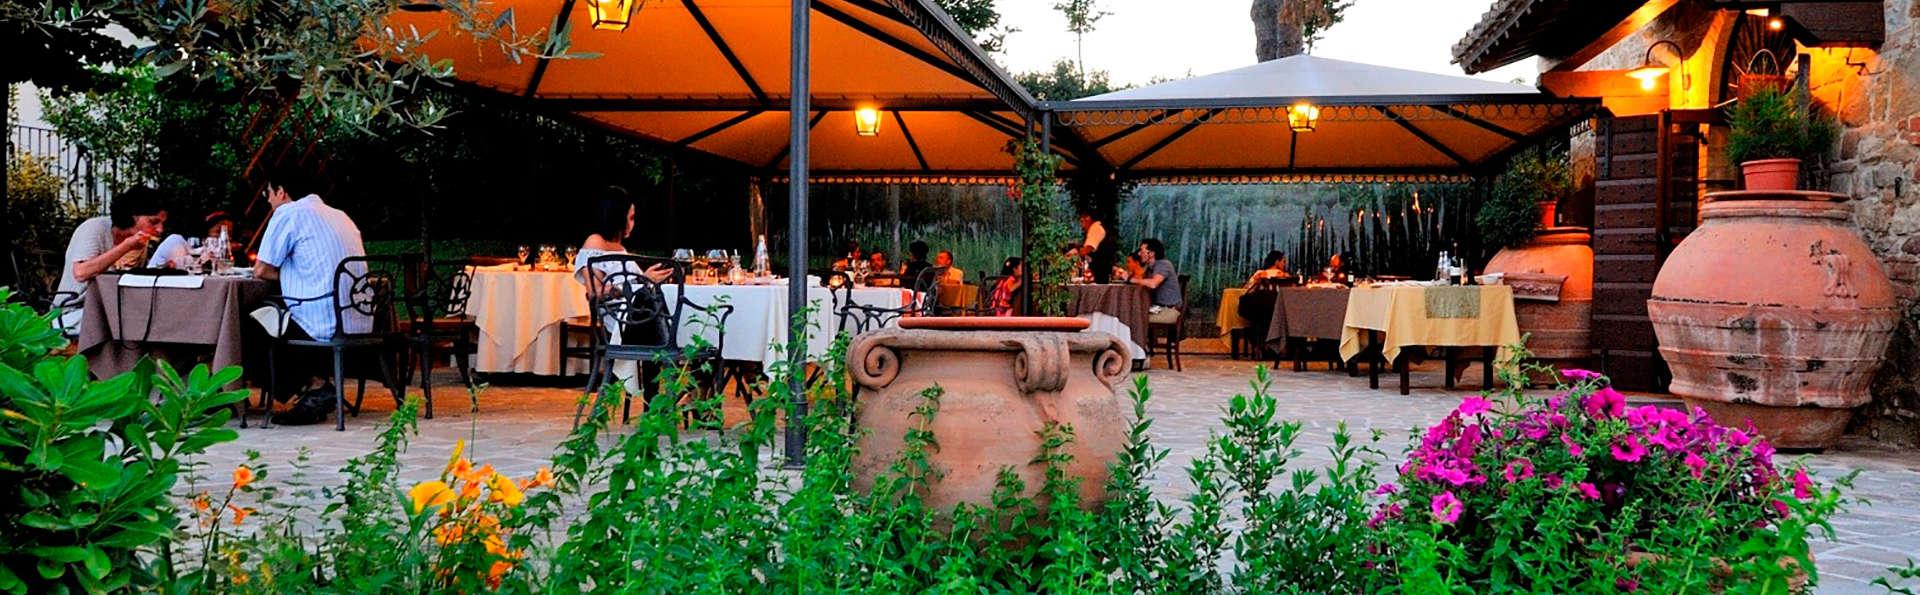 Cena romántica a las puertas de Perugia